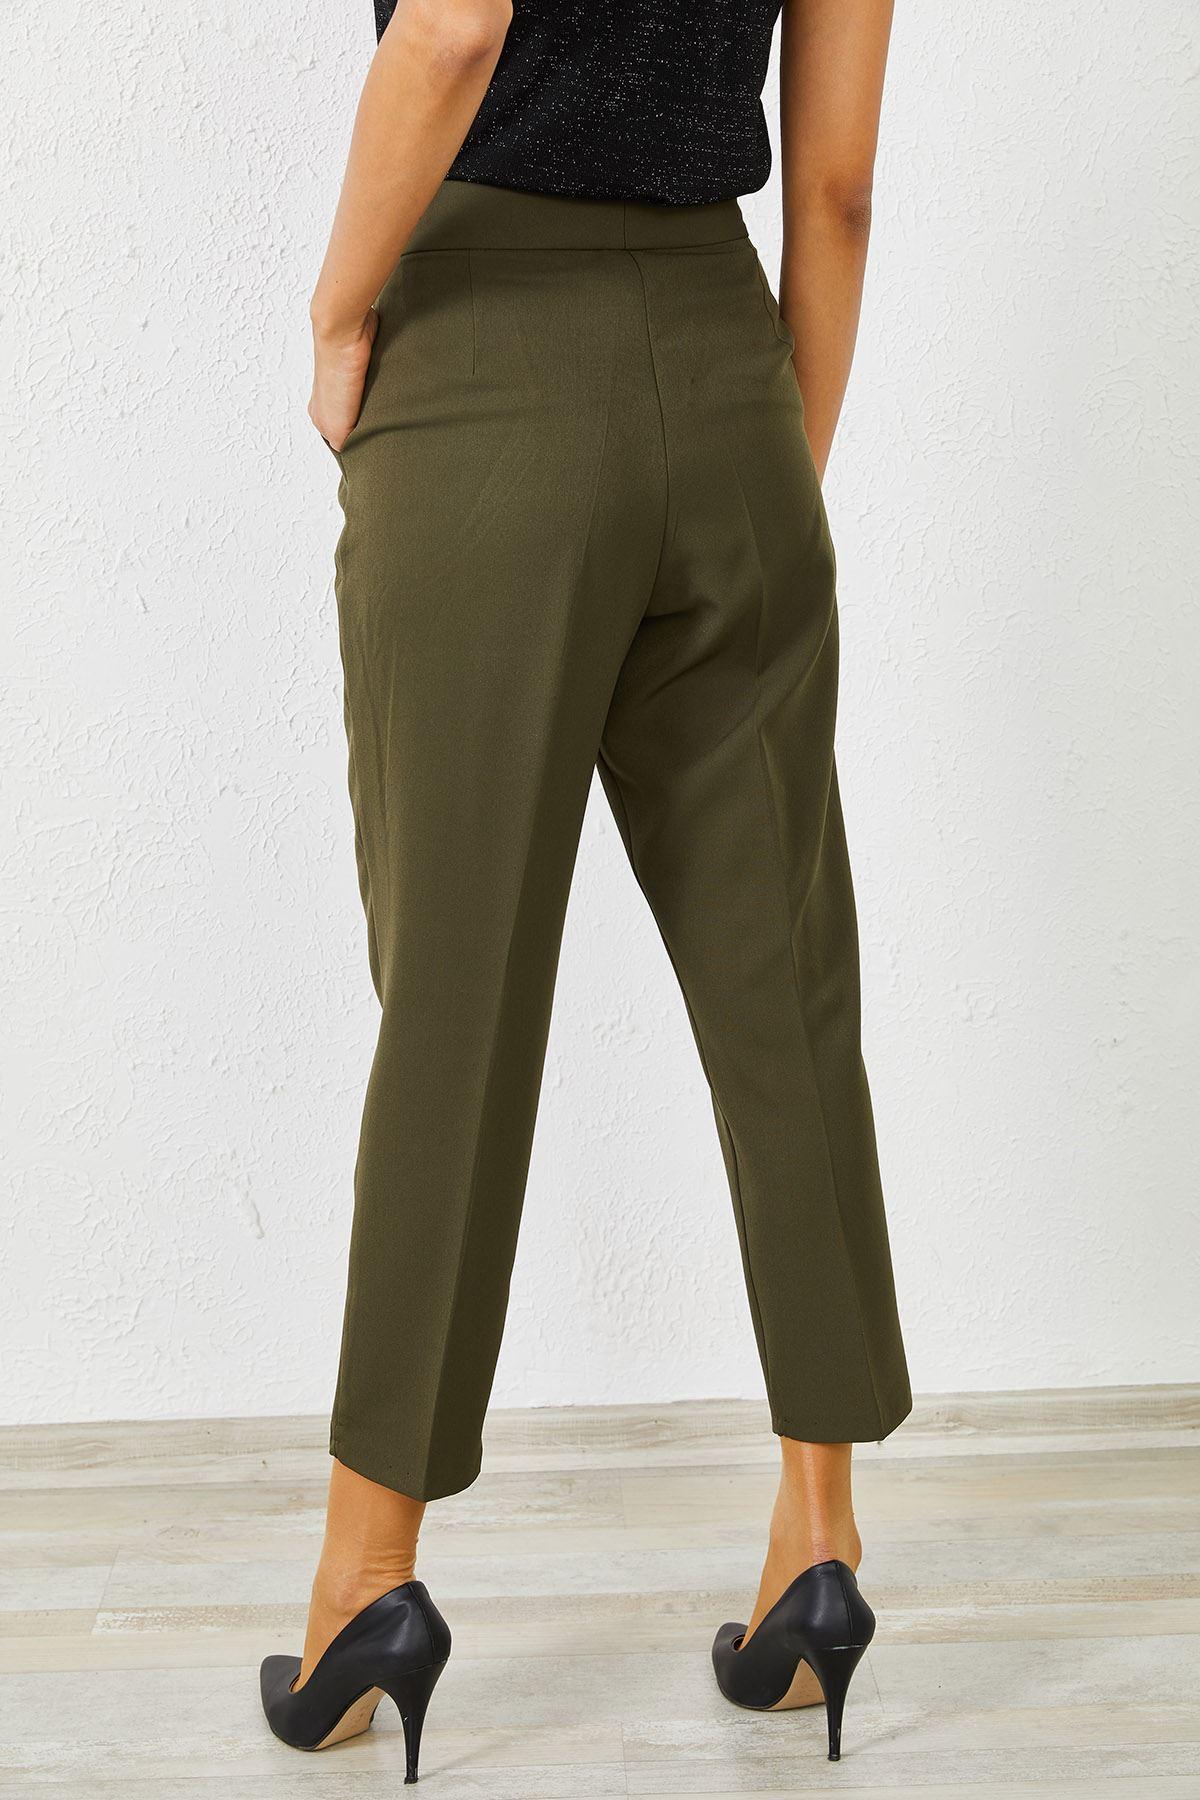 Kadın Klasik Haki Kalem Pantolon